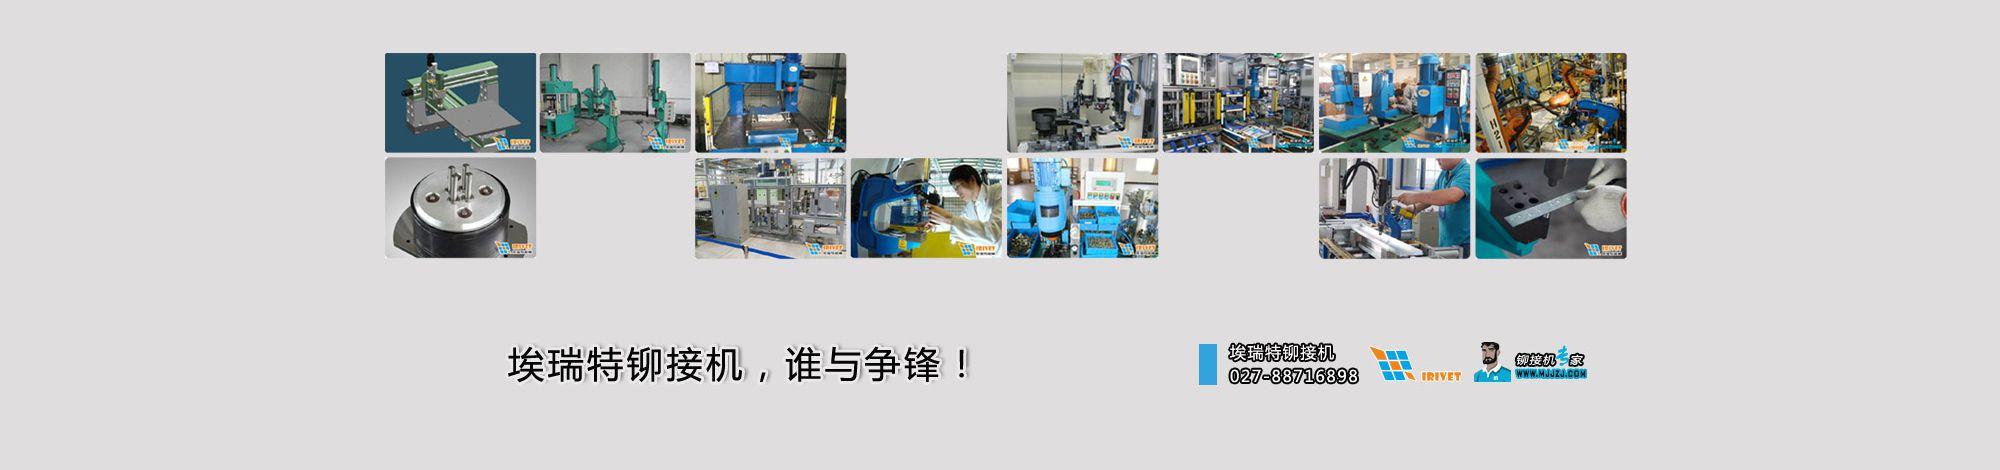 武汉埃瑞特机械制造有限公司